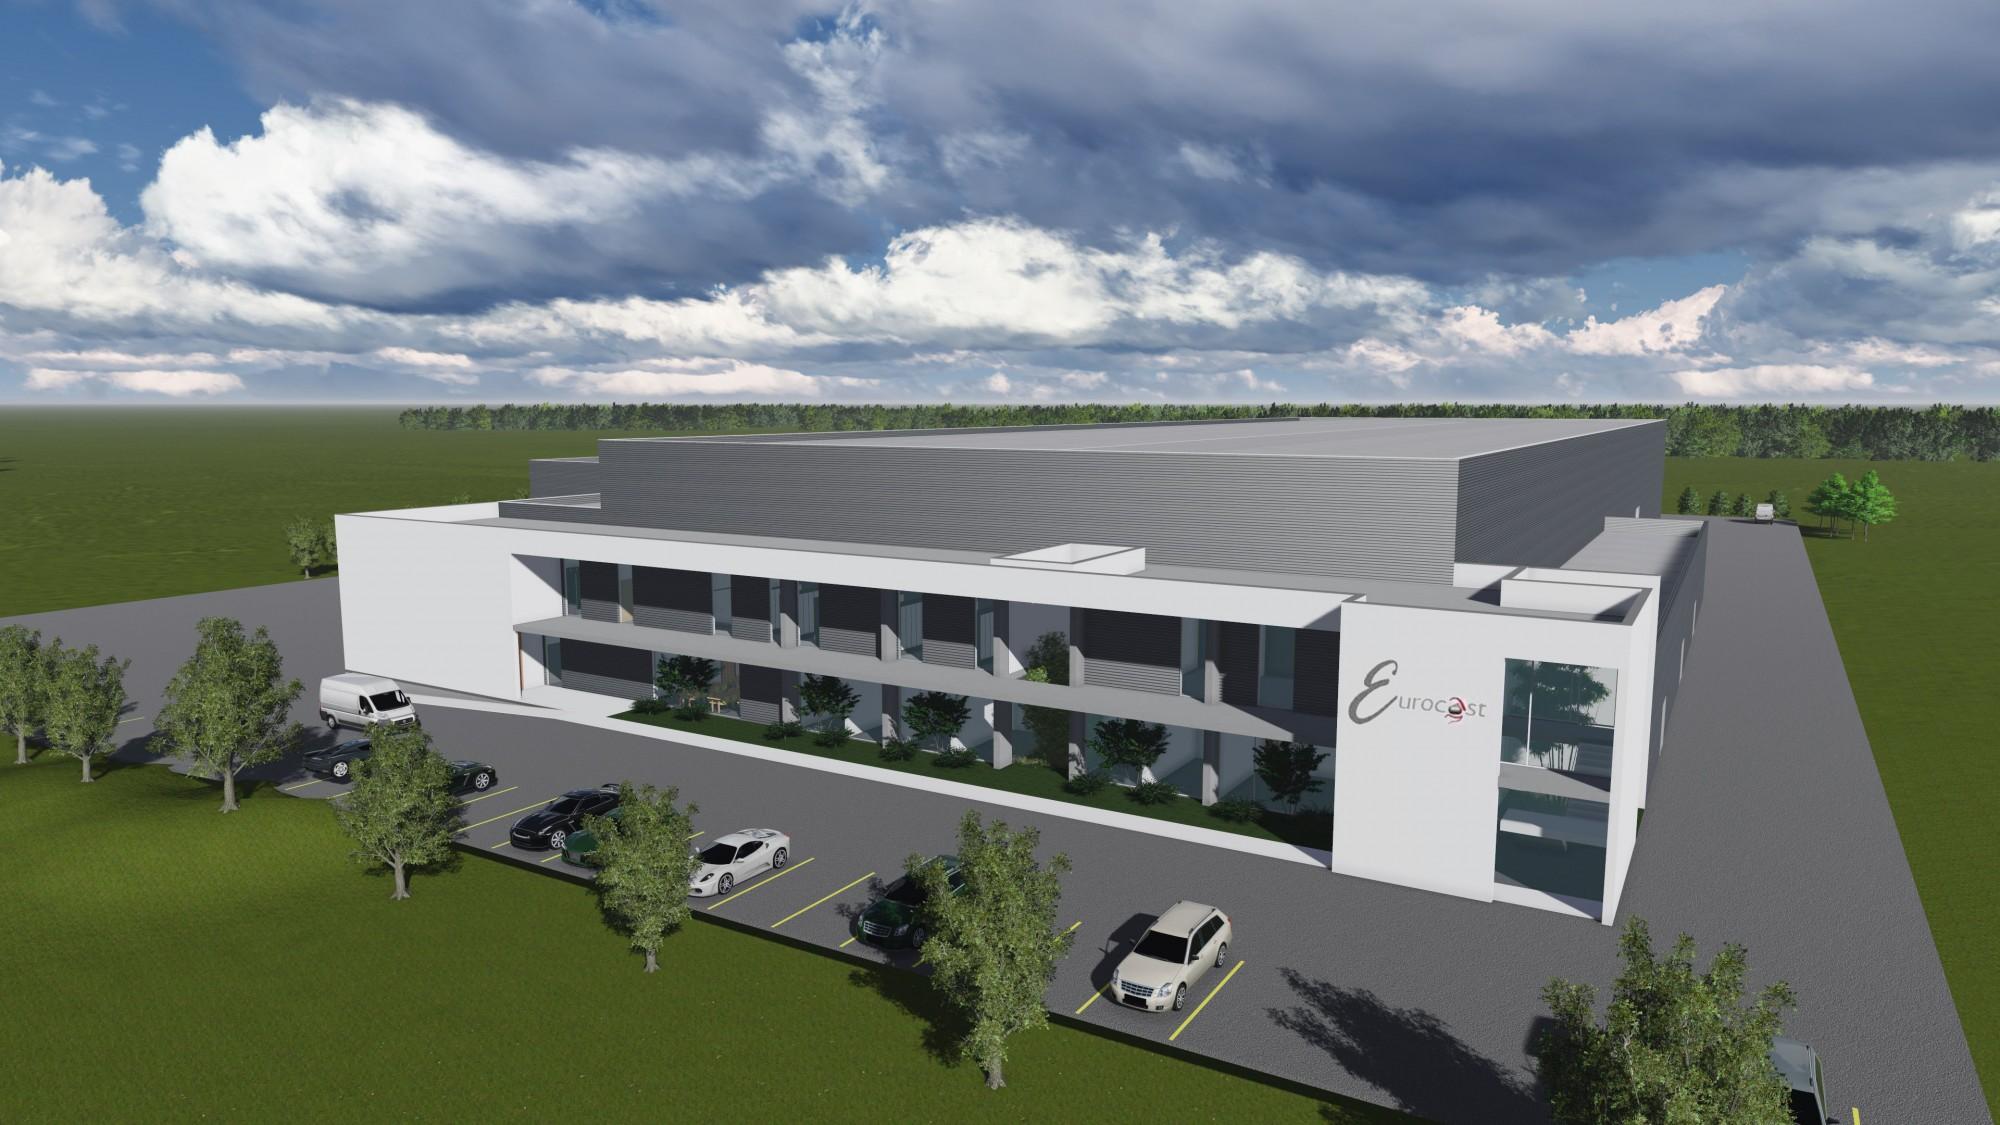 Empresas Em Arcos De Valdevez fábrica da eurocast em arcos de valdevez inicia laboração